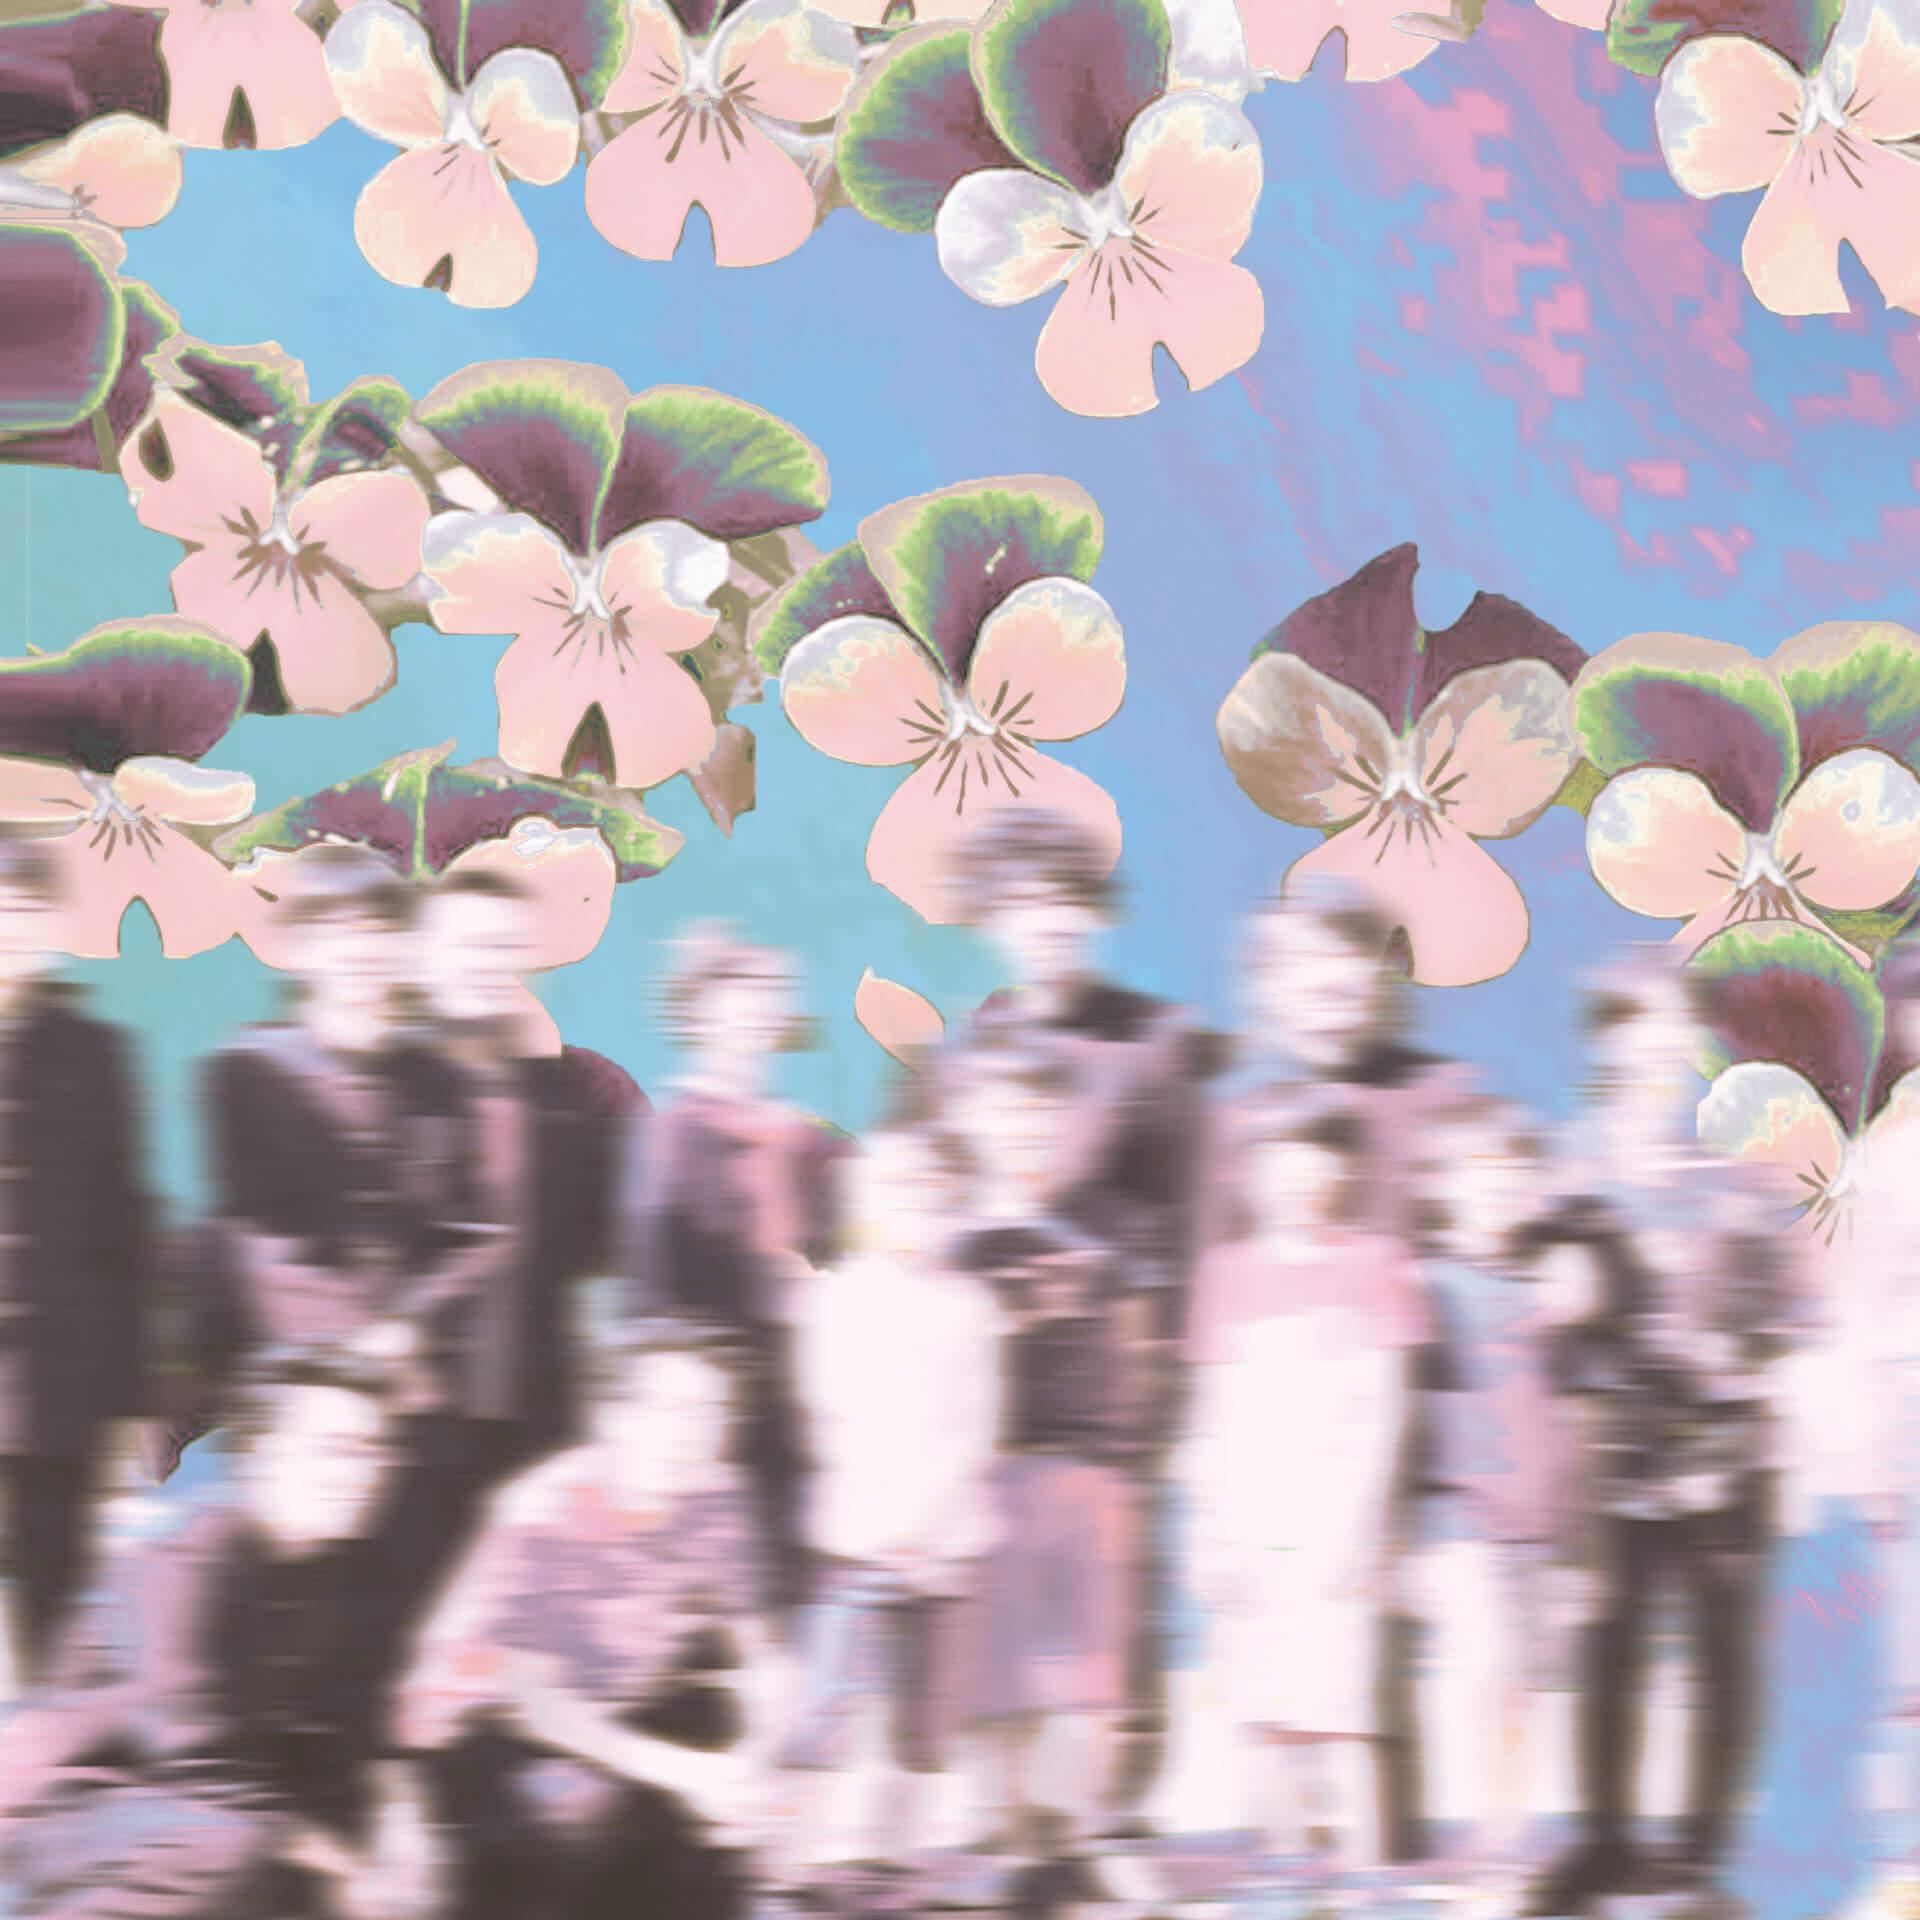 """京都発""""彼岸のラヴァーズ・ロック""""!ラブワンダーランドの1stアルバム『永い昼』が本日リリース music200707-lovewonderland-2"""